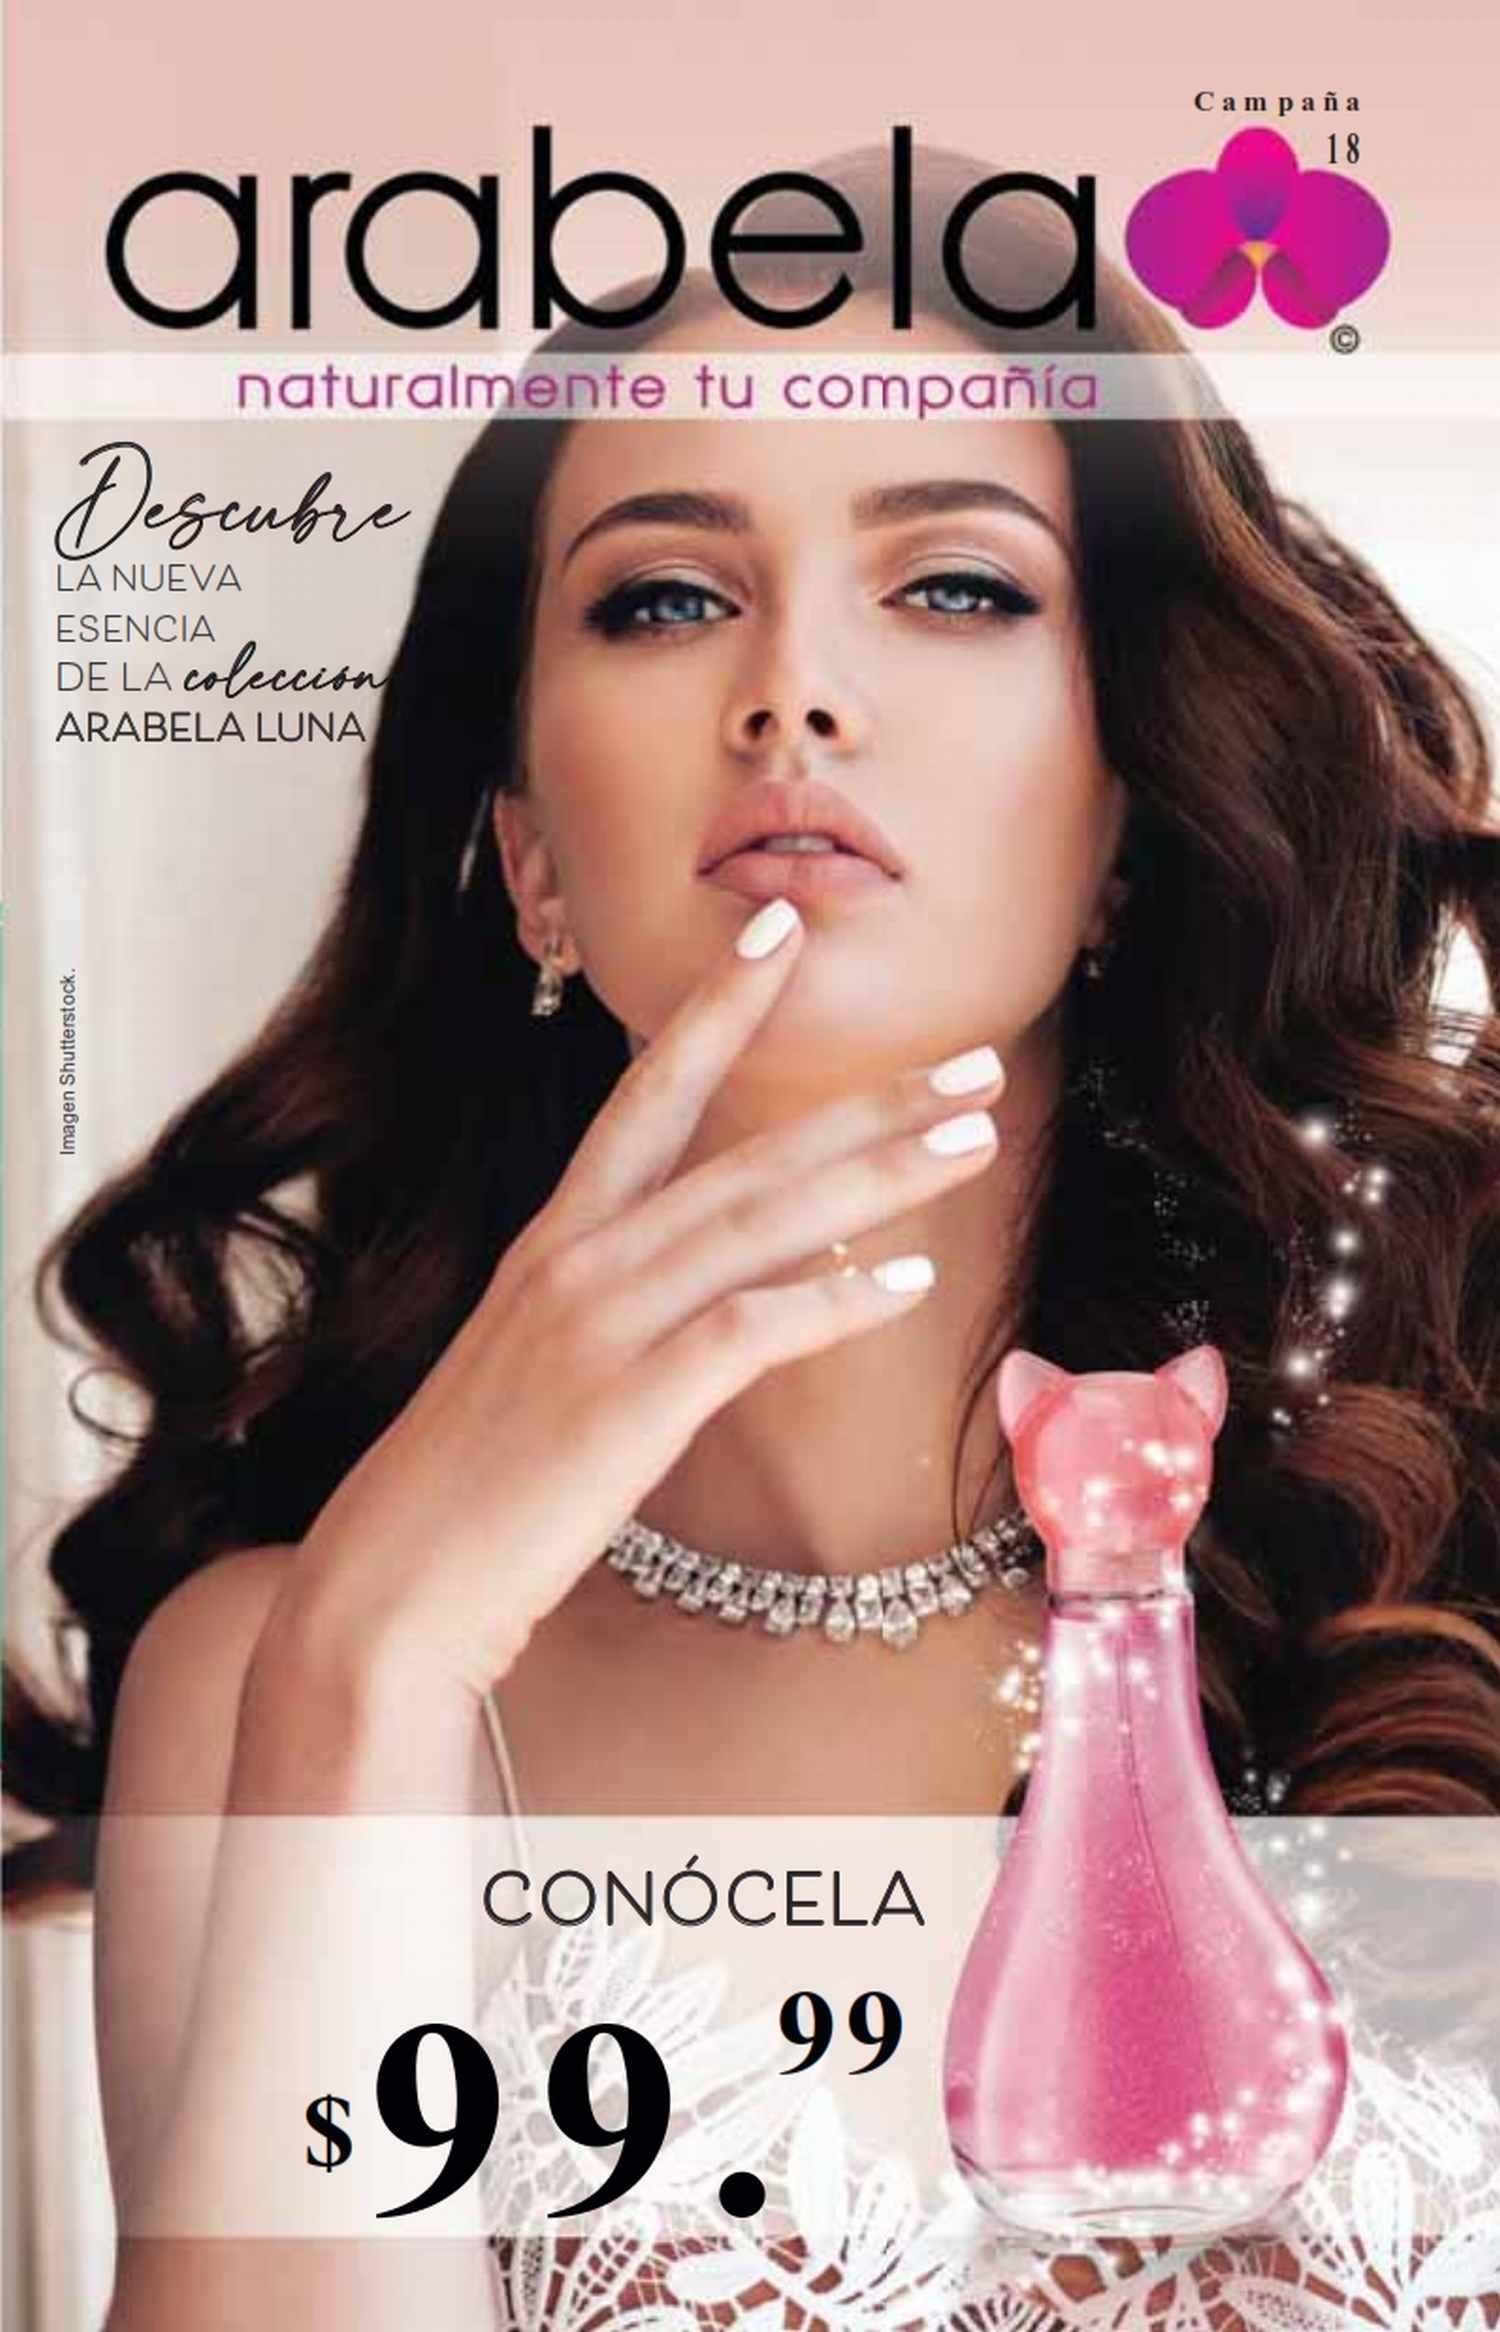 Catalogo Arabela Campaña 18 2021 Mexico